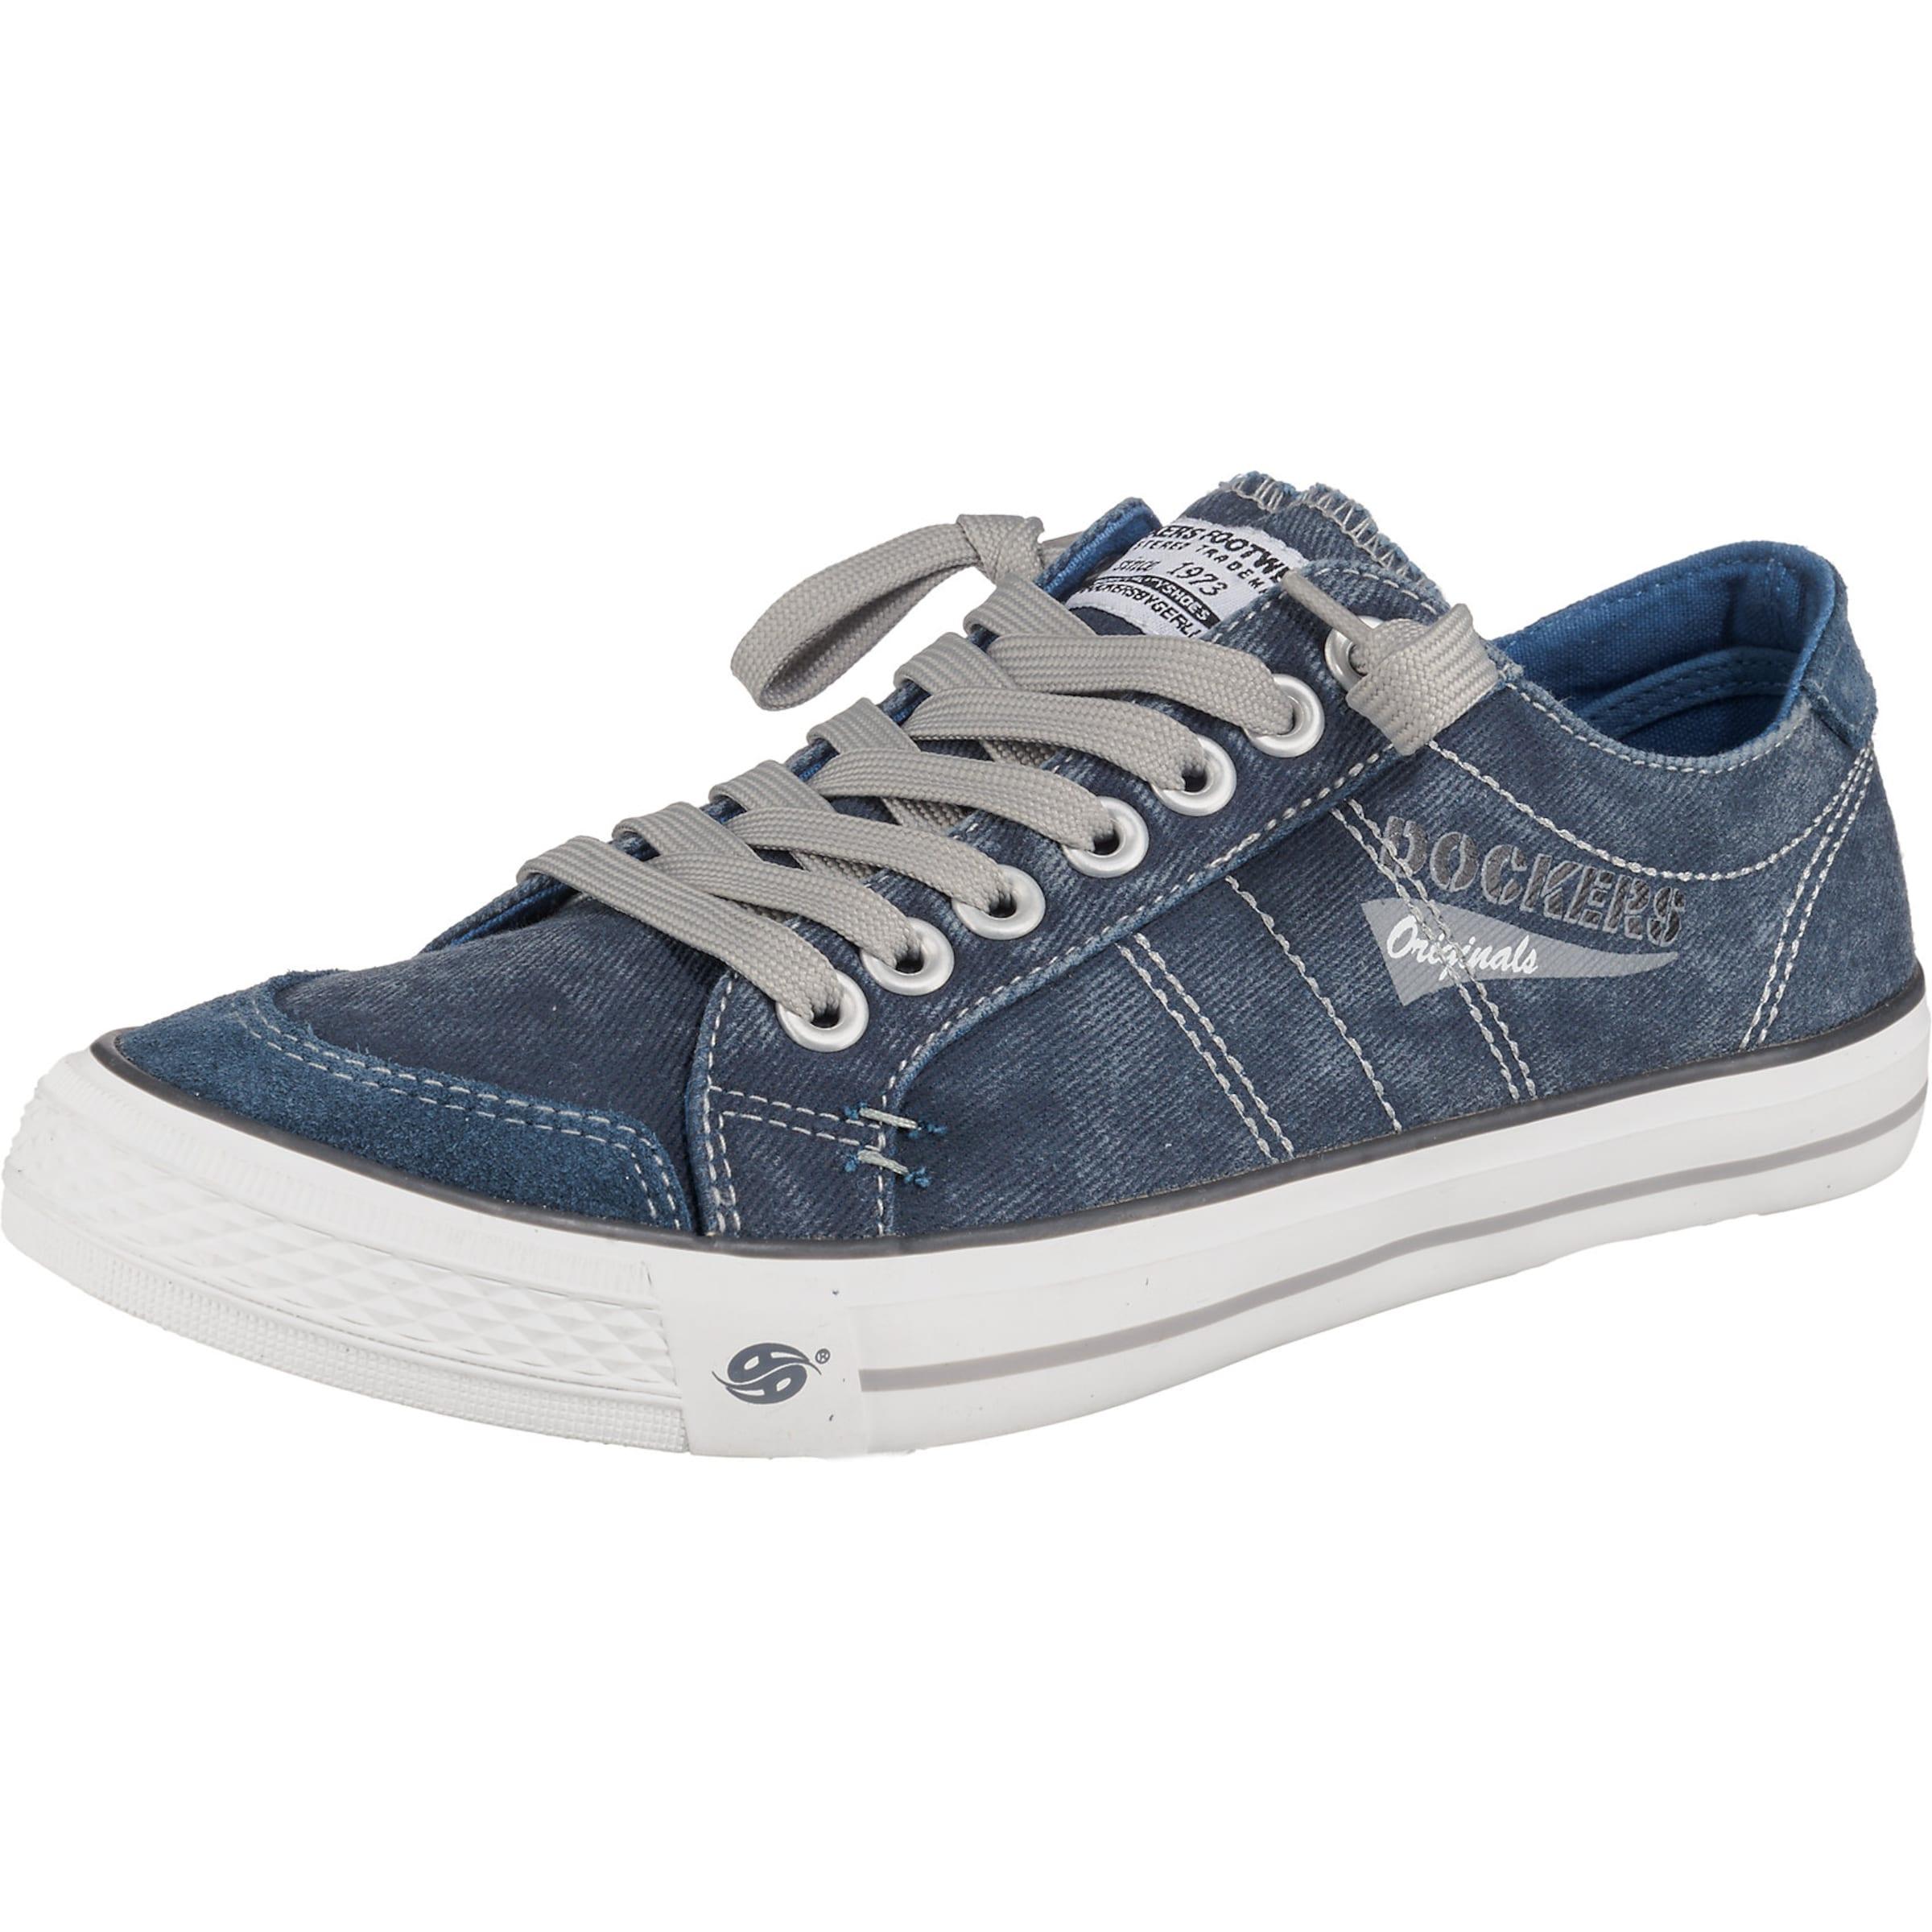 Low In Dockers Gerli Blau By Sneakers H29DWYeEI